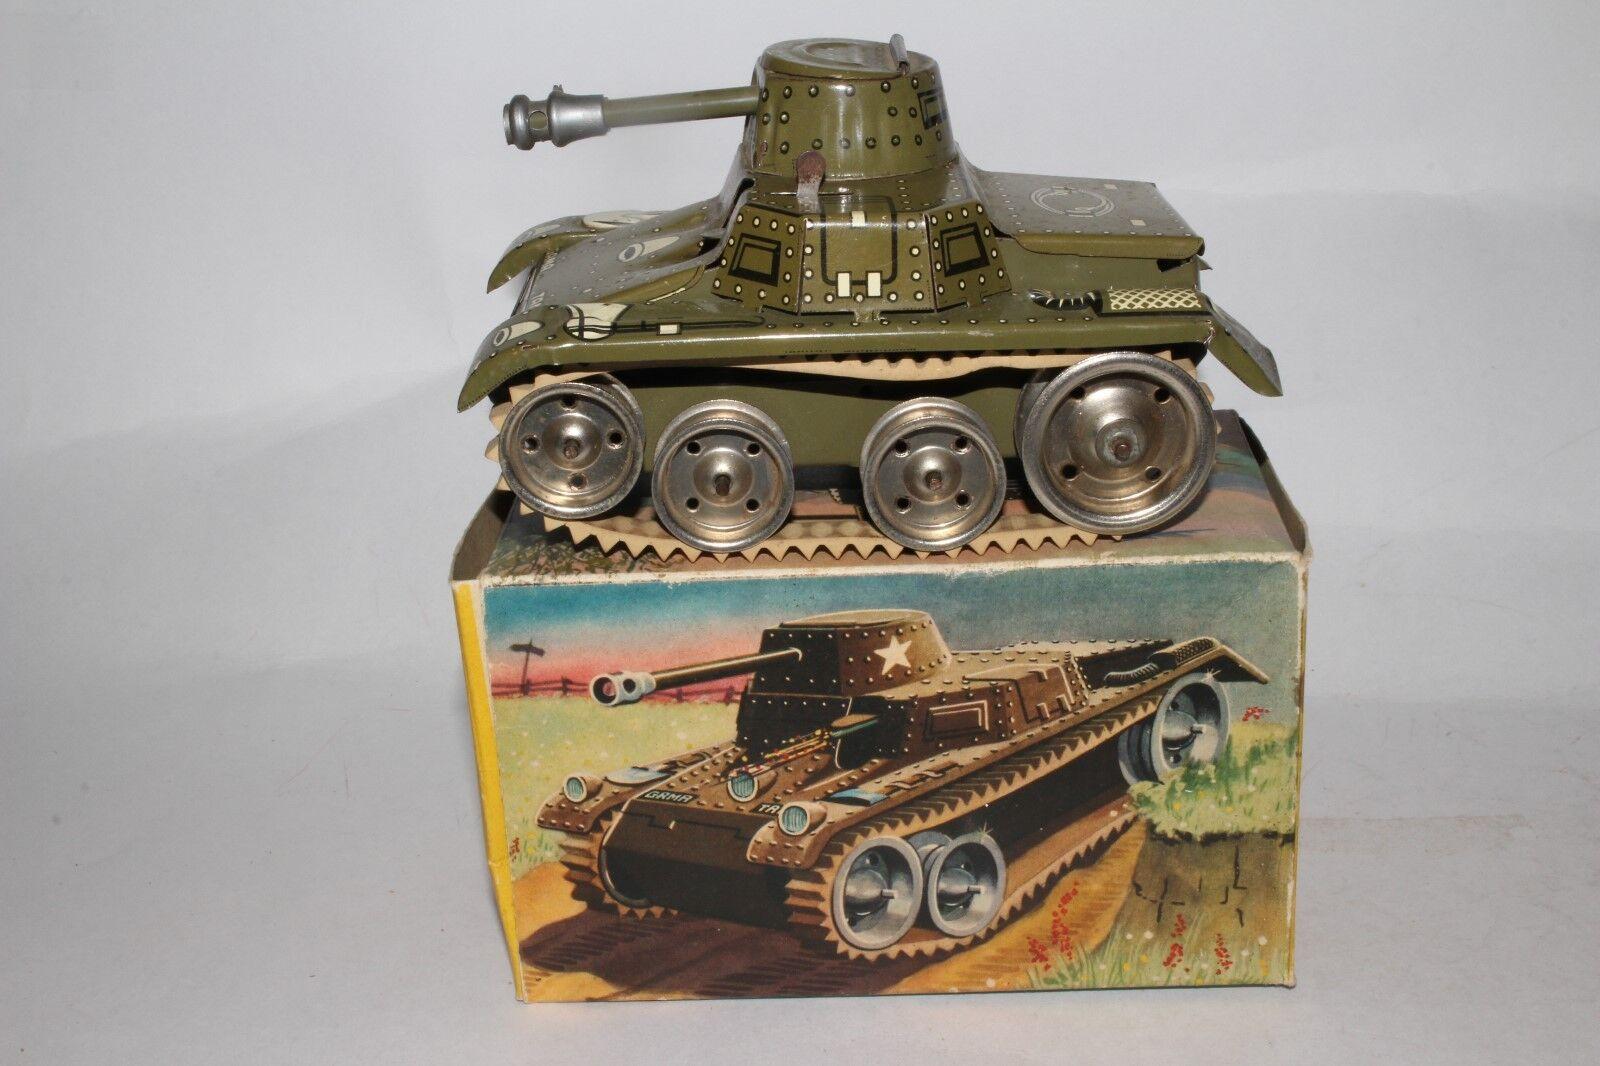 genuina alta calidad 594ms Gama Gama Gama Hecho en Alemania 5633 Tanque Del Ejército con Original Caja  venta con descuento